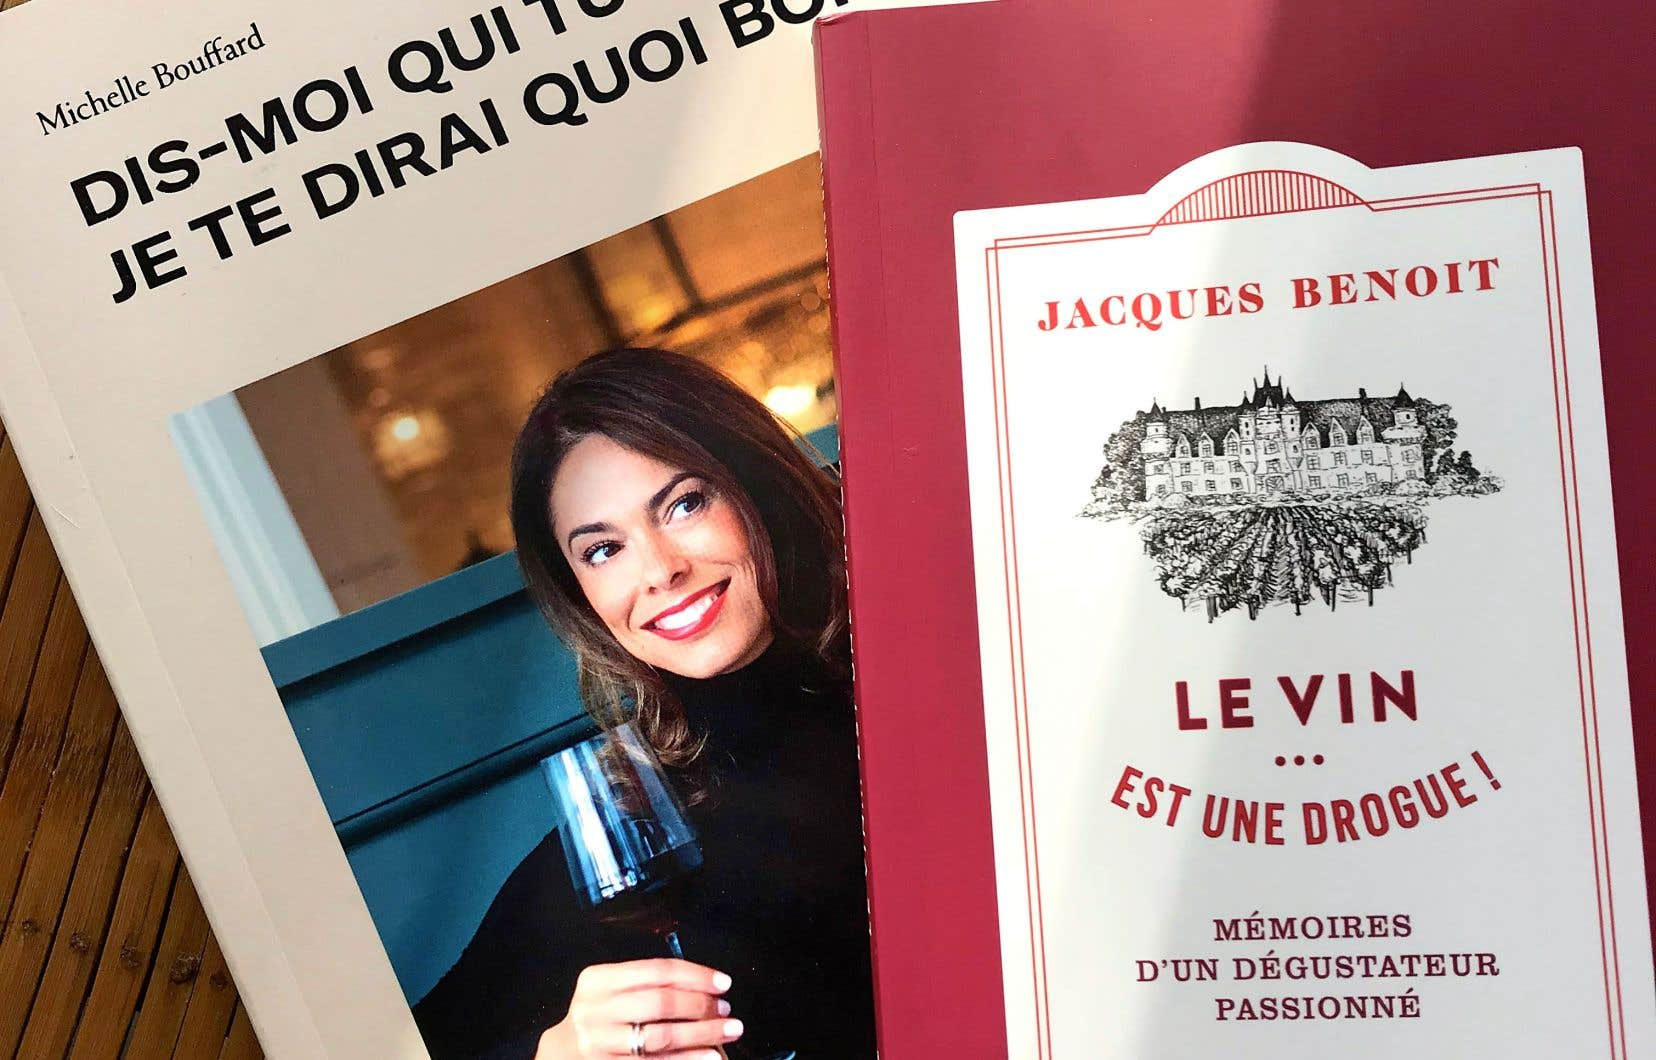 Michelle Bouffard et Jacques Benoit sont deux passionnés de vins qui, chacun à leur façon, prennent le pouls, dans leurs ouvrages respectifs, de la passion des Québécois pour le vin.